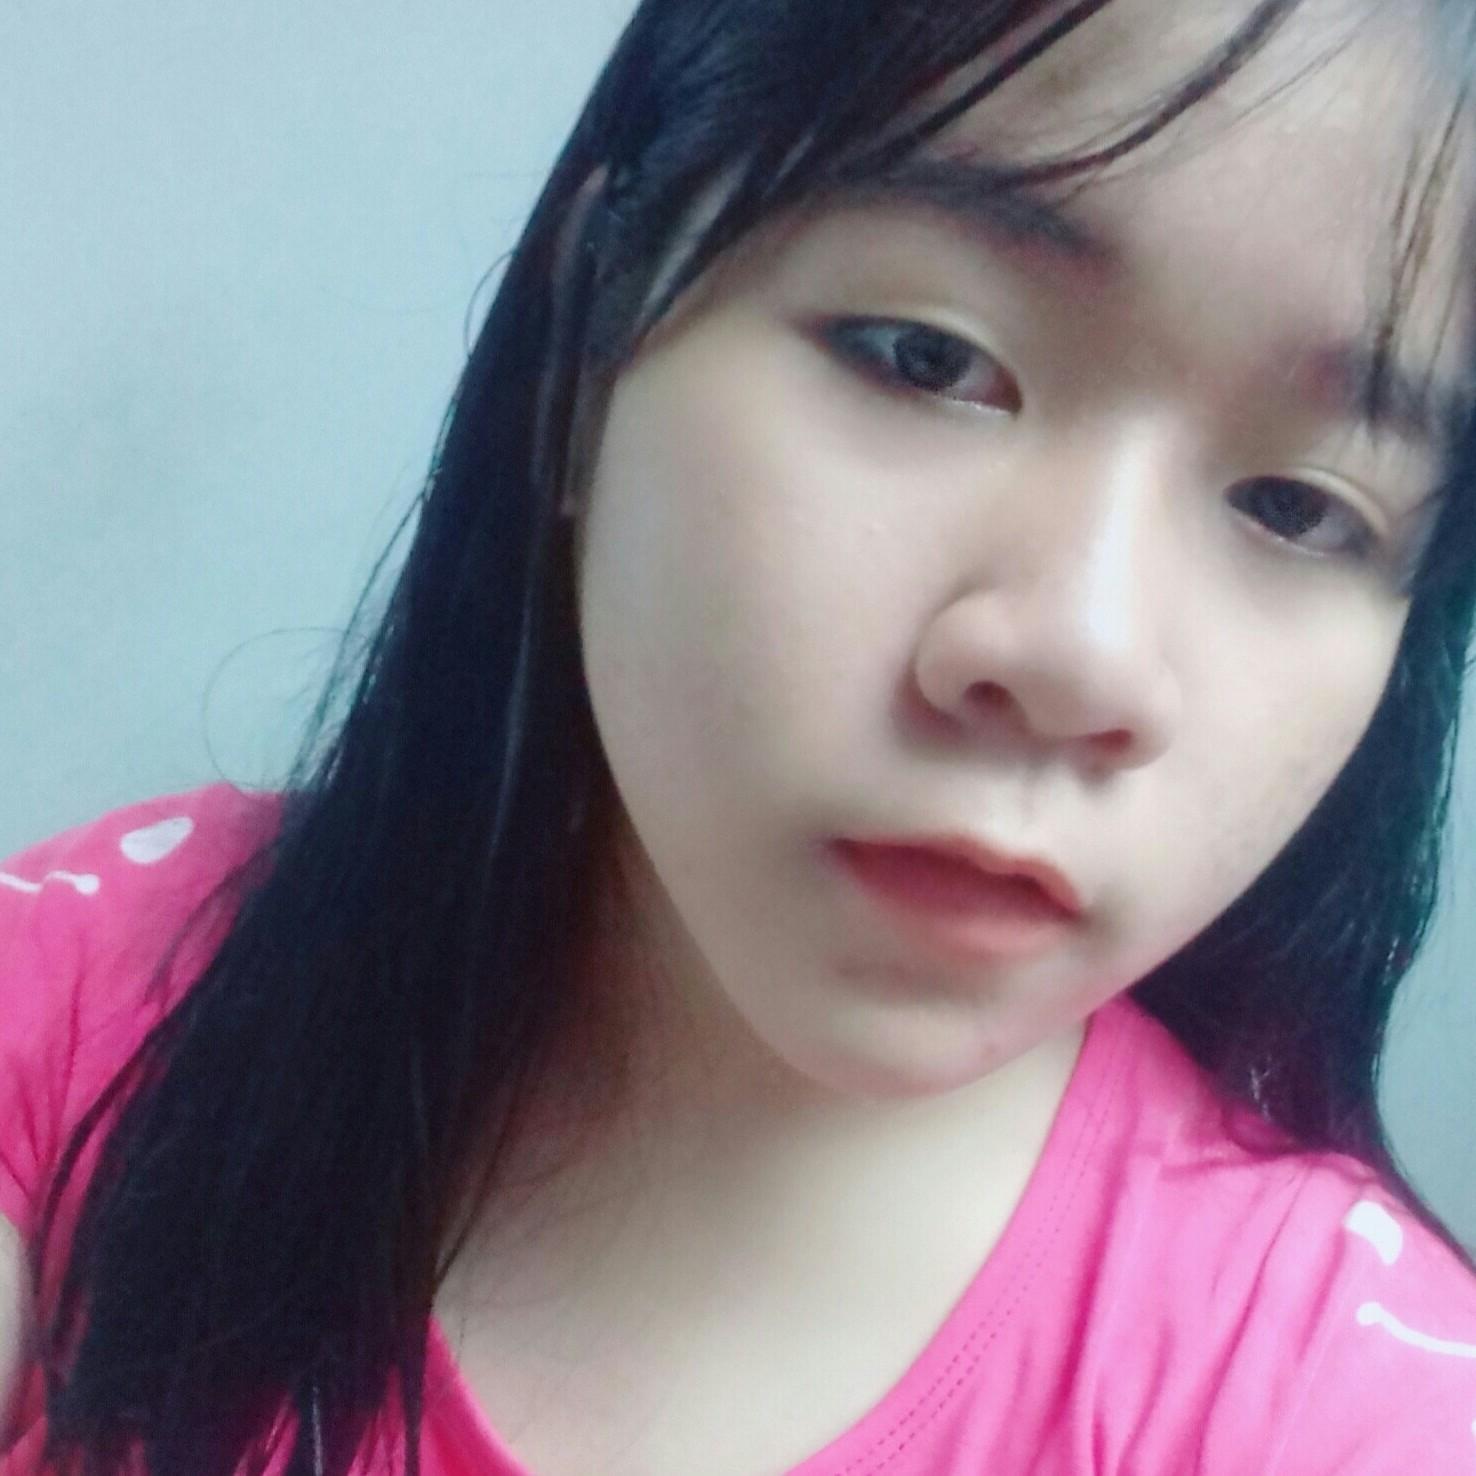 Nguyễn Thị Phương Thảo